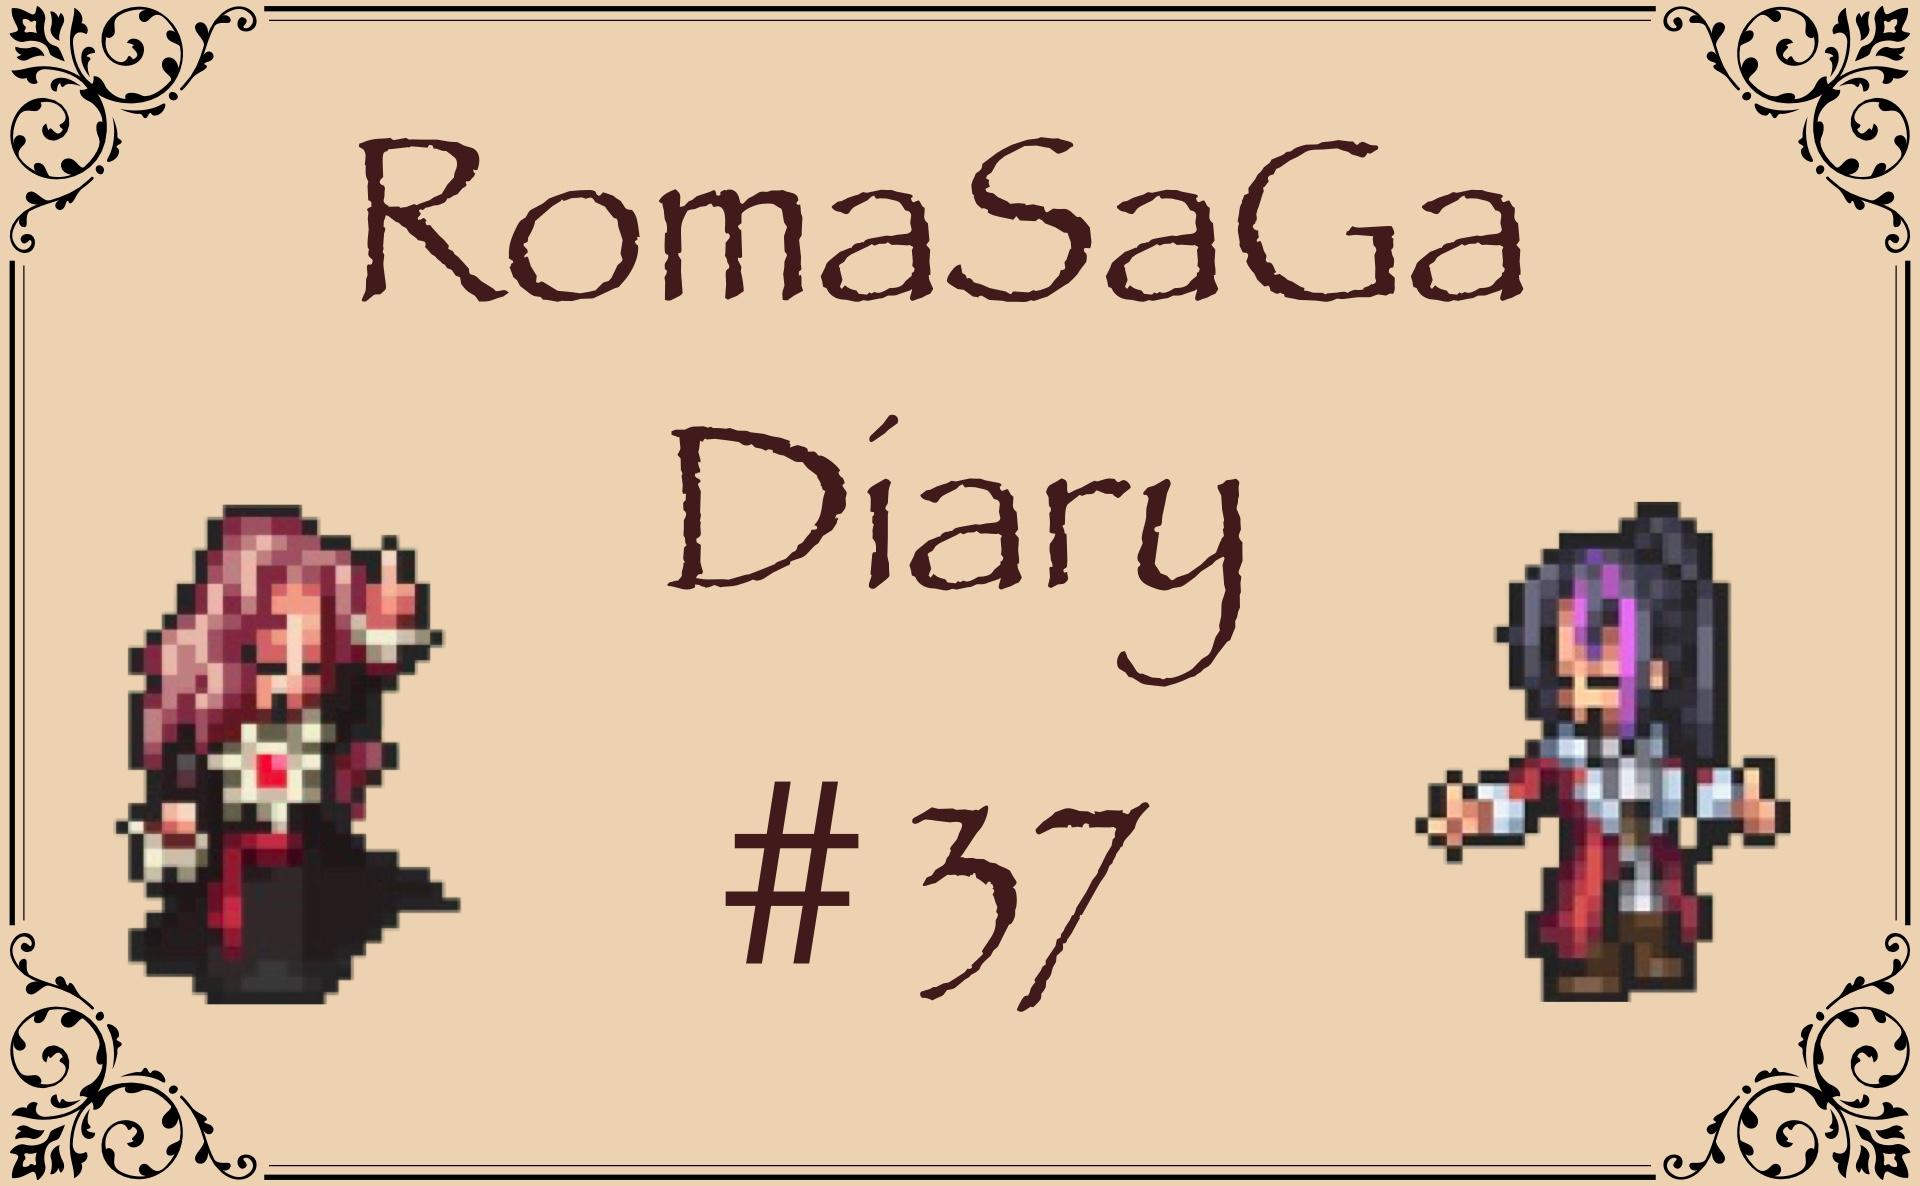 ロマサガDiary#37